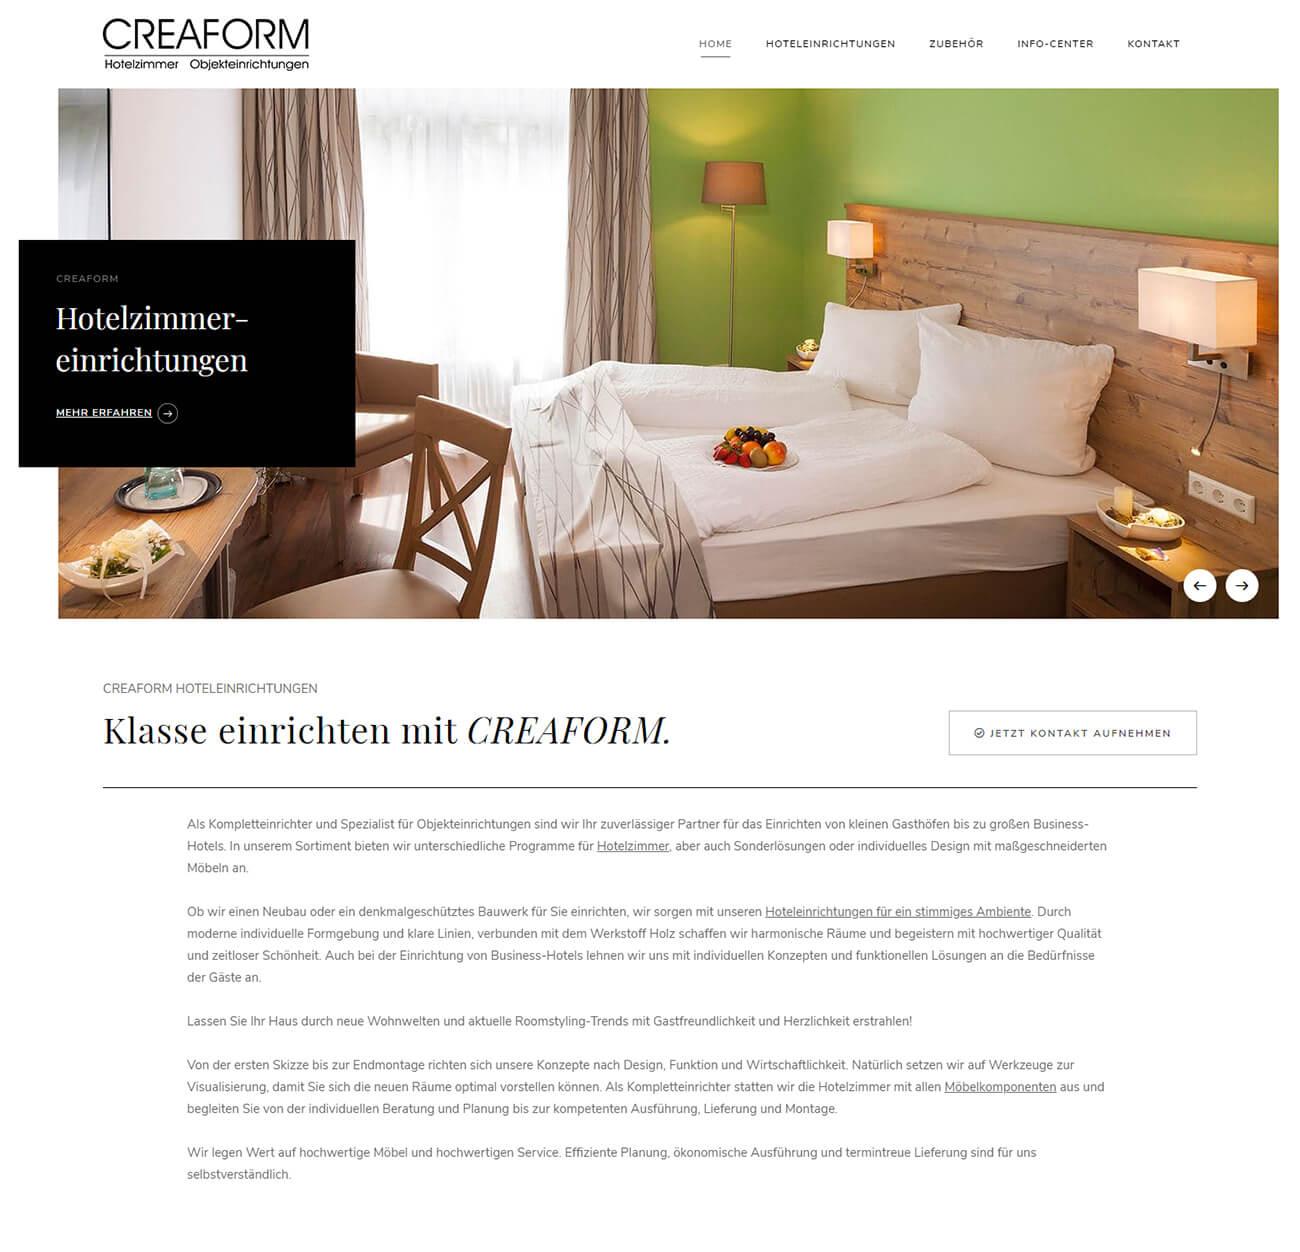 Referenz Hotelmöbelhersteller